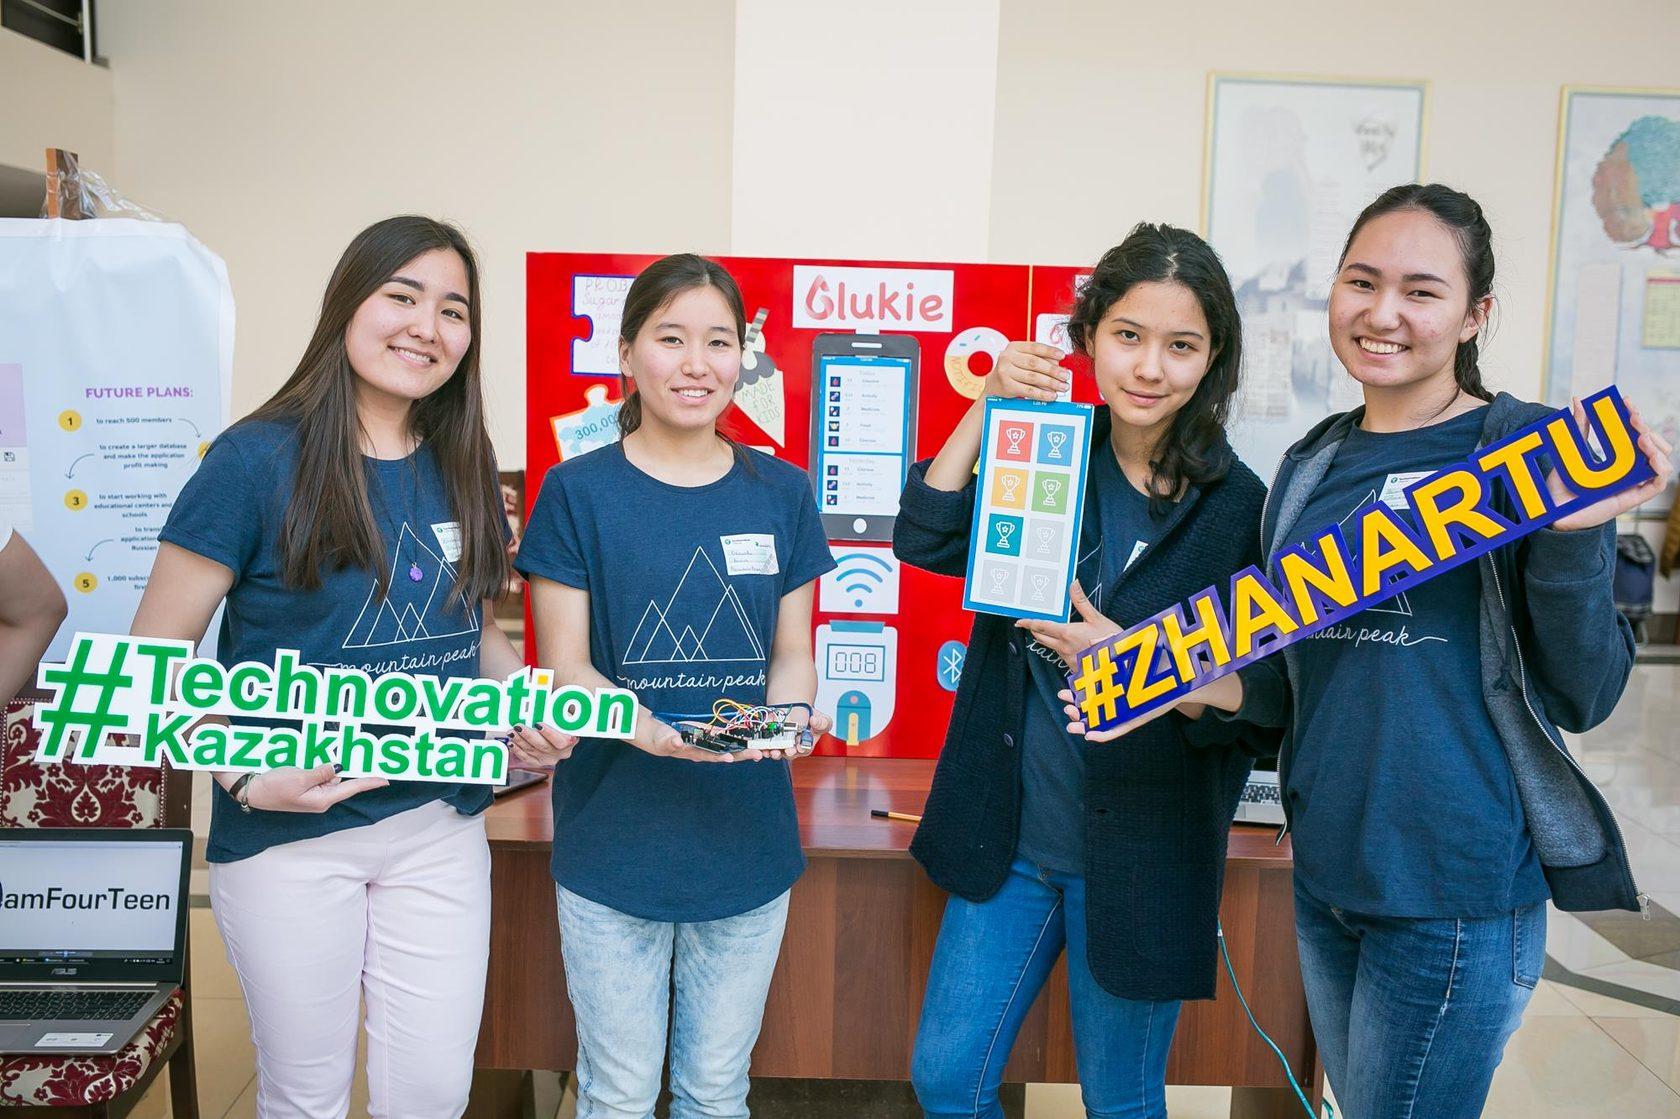 Казахстанские девушки хотят секса социальные сети — pic 10